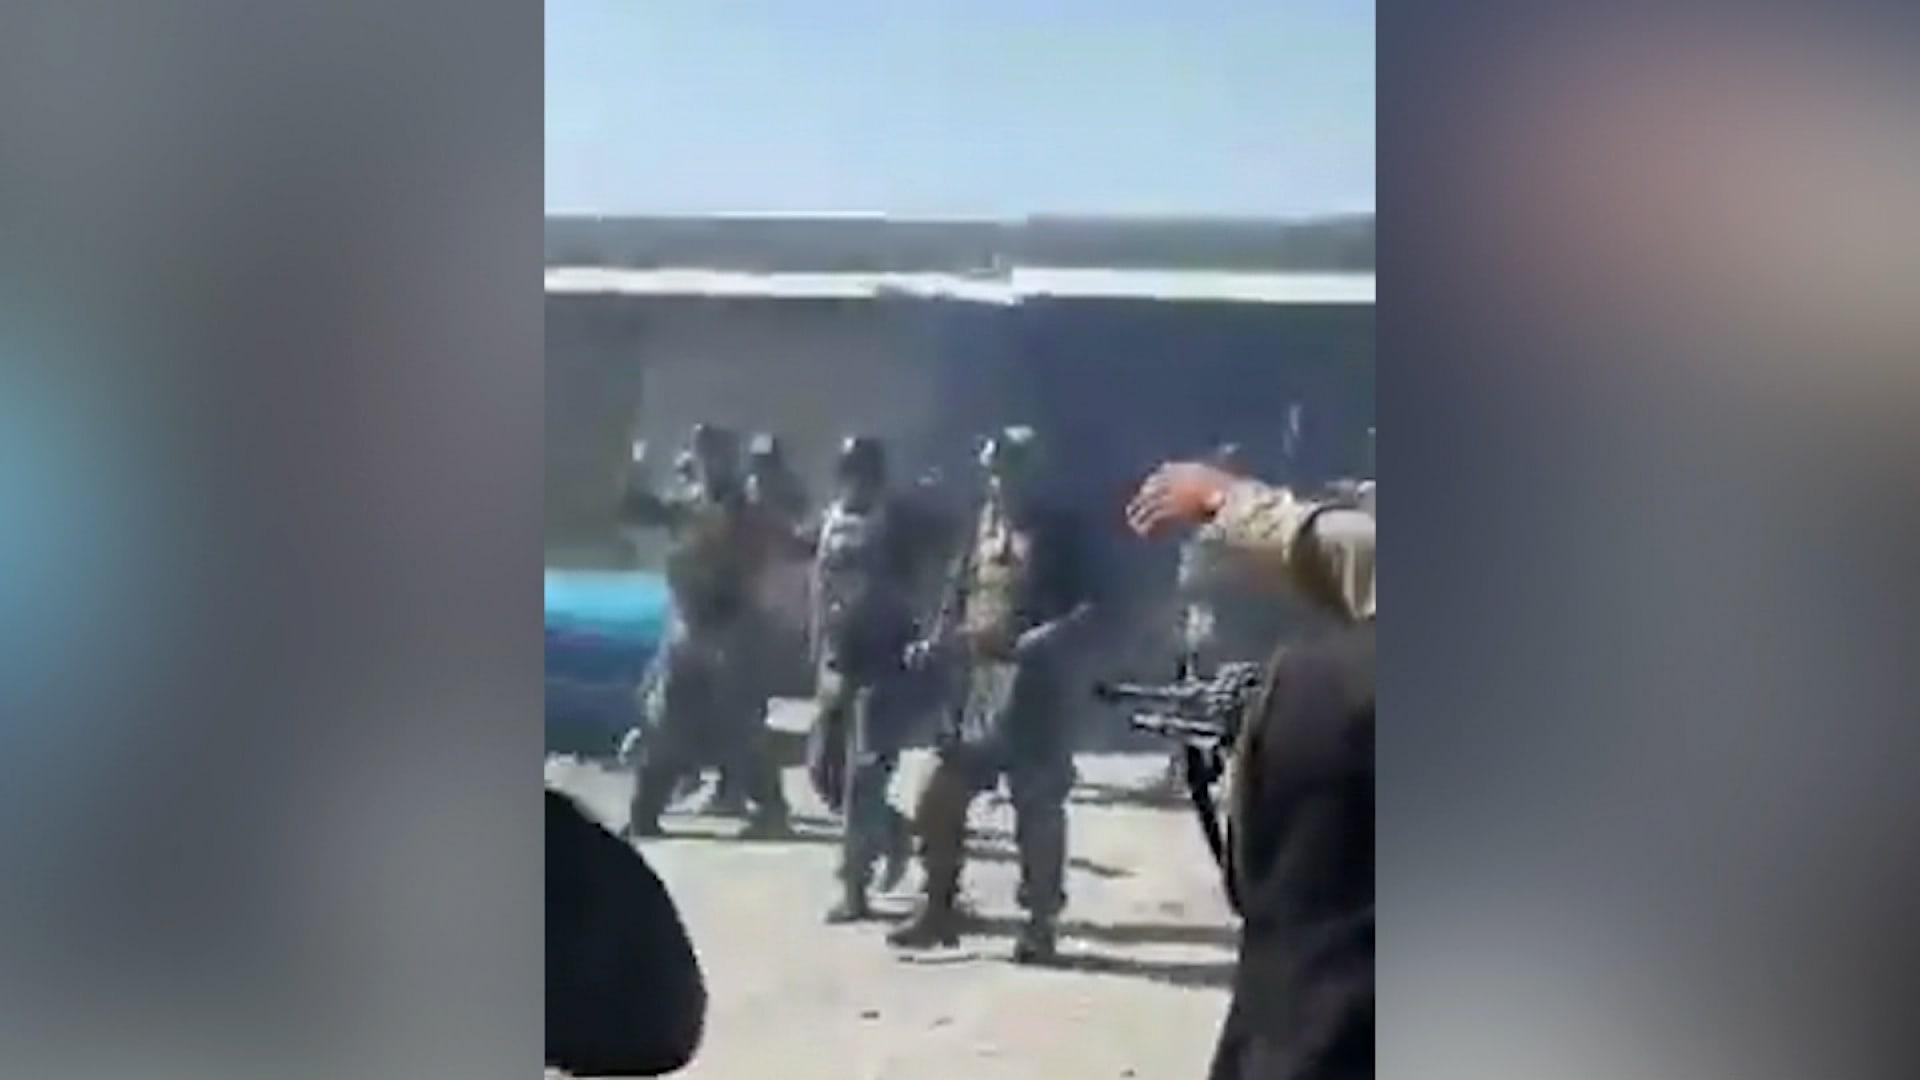 لقطات مصورة للحظة قيام مقاتلي حركة طالبان بإعدام 22 من قوات الكوماندوز الأفغانية غير المسلحين أثناء محاولتهم الاستسلام